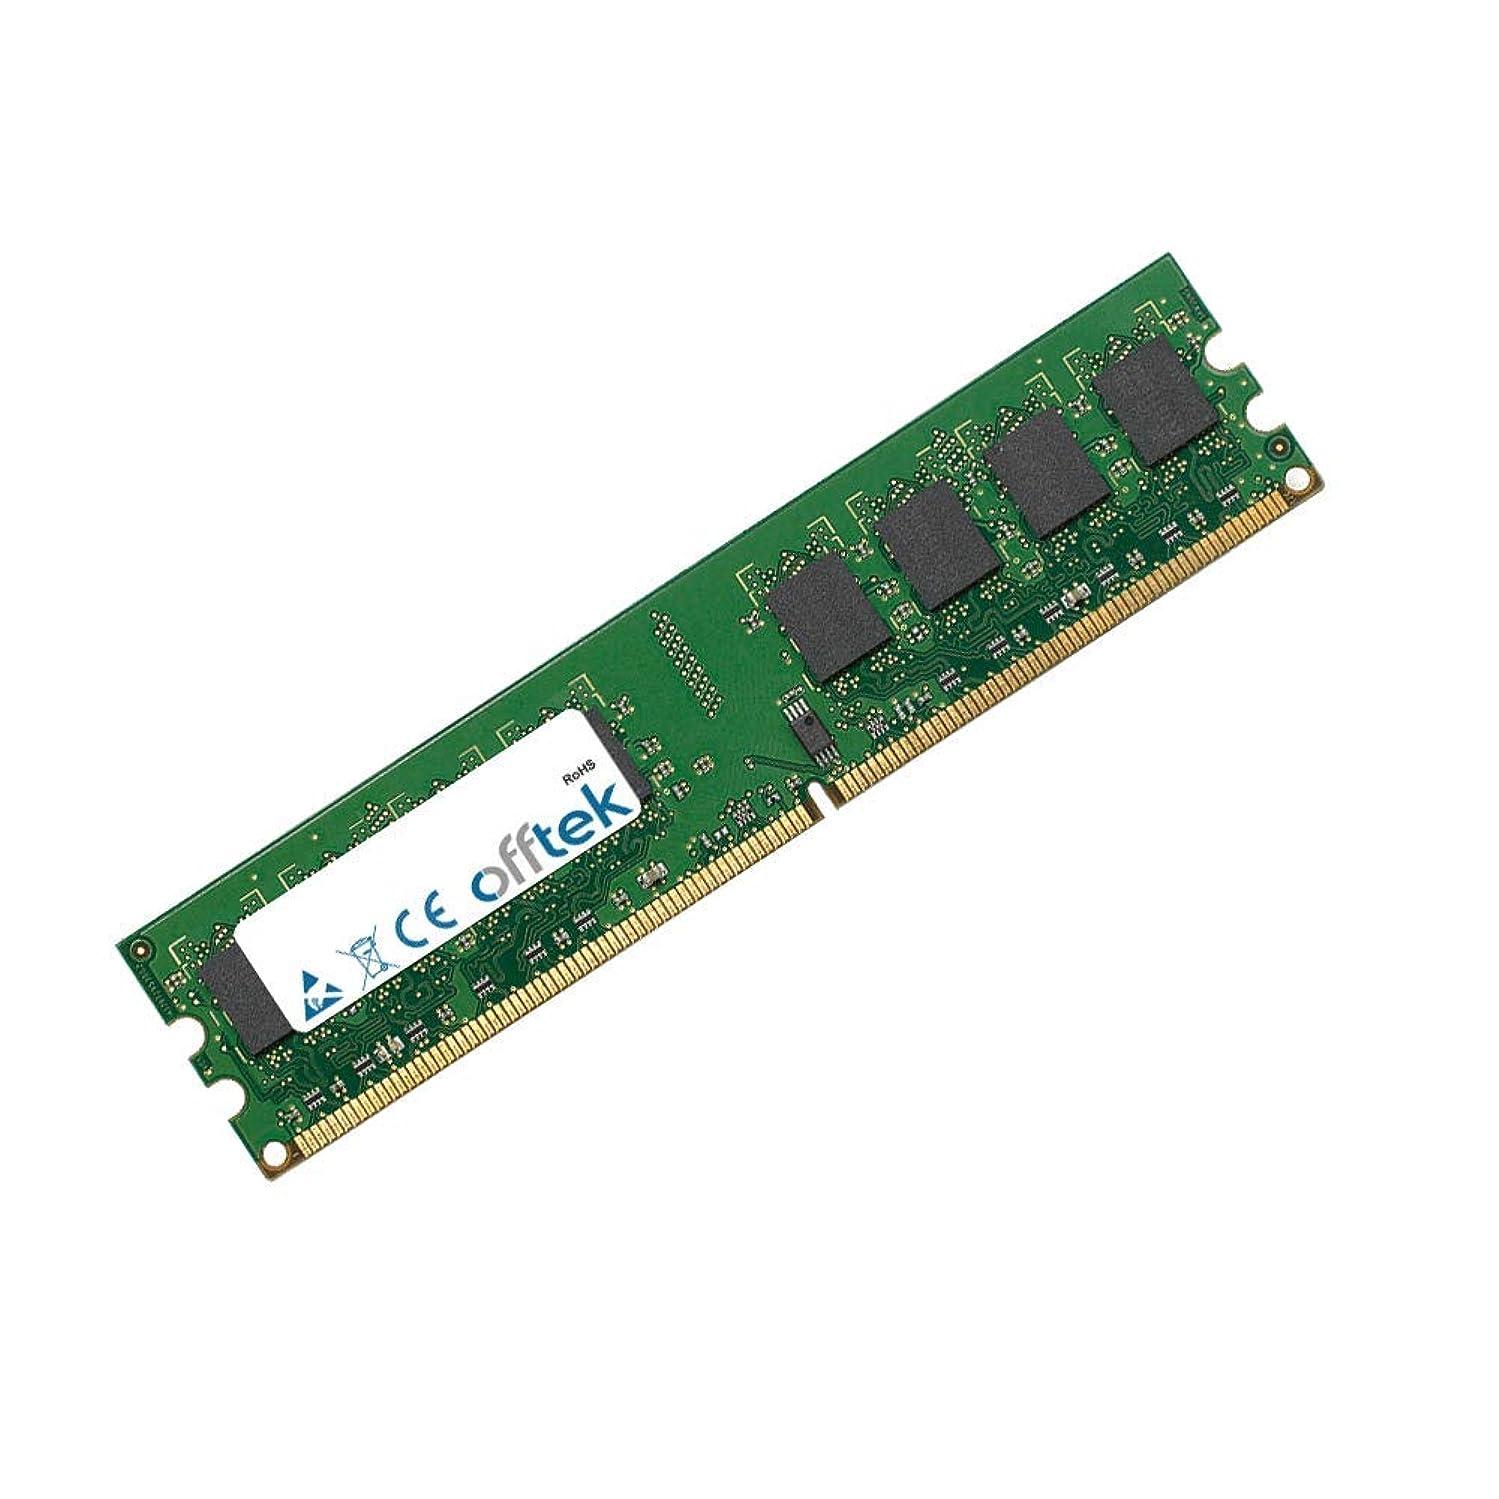 1GB RAM Memory for Dell Vostro 200 Slim Tower (DDR2-6400 - Non-ECC) - Desktop Memory Upgrade